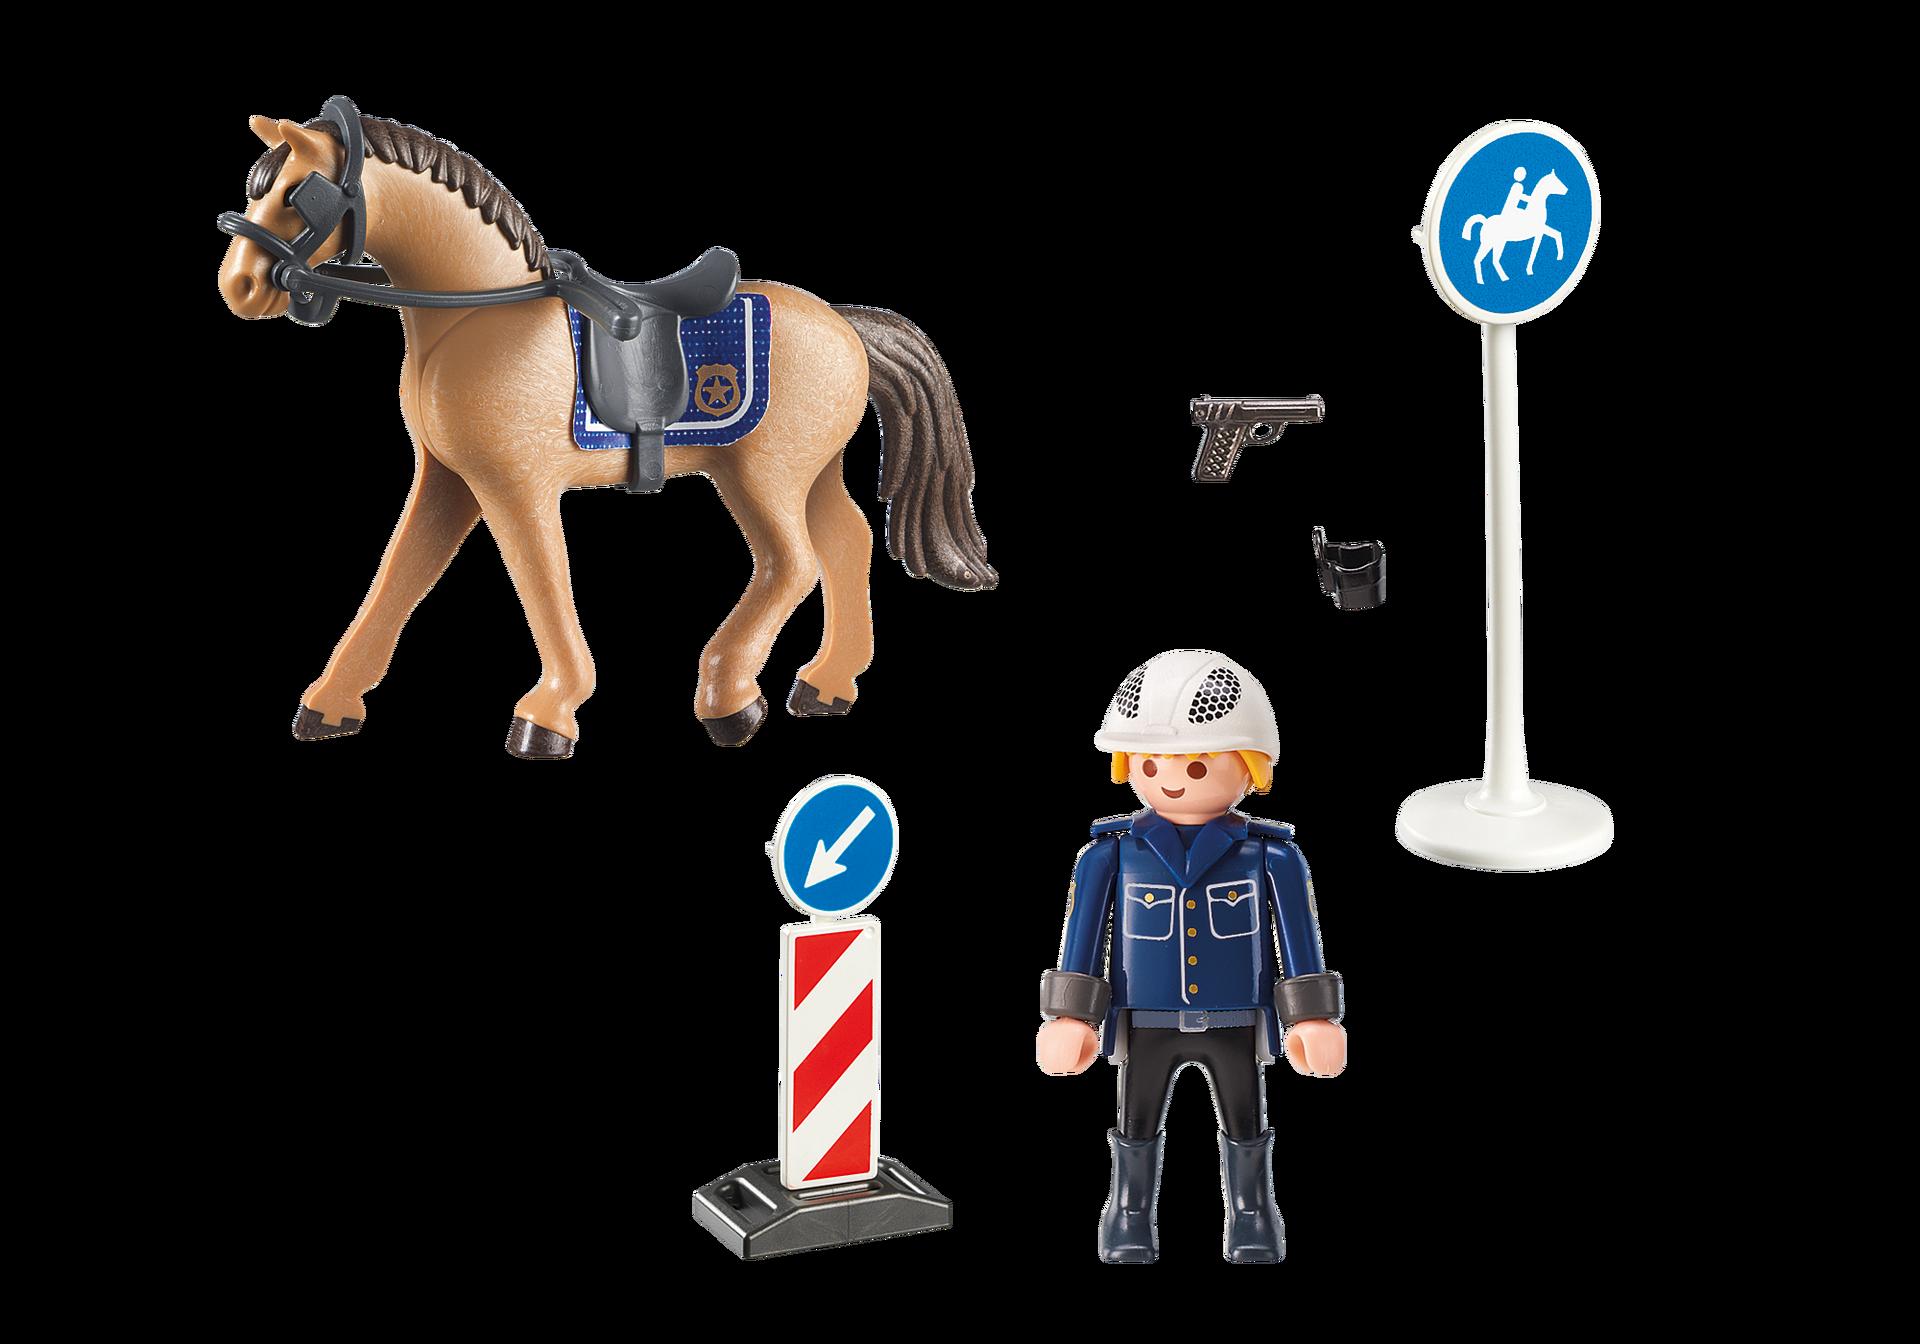 Poliziotto a cavallo (9260) contenuto